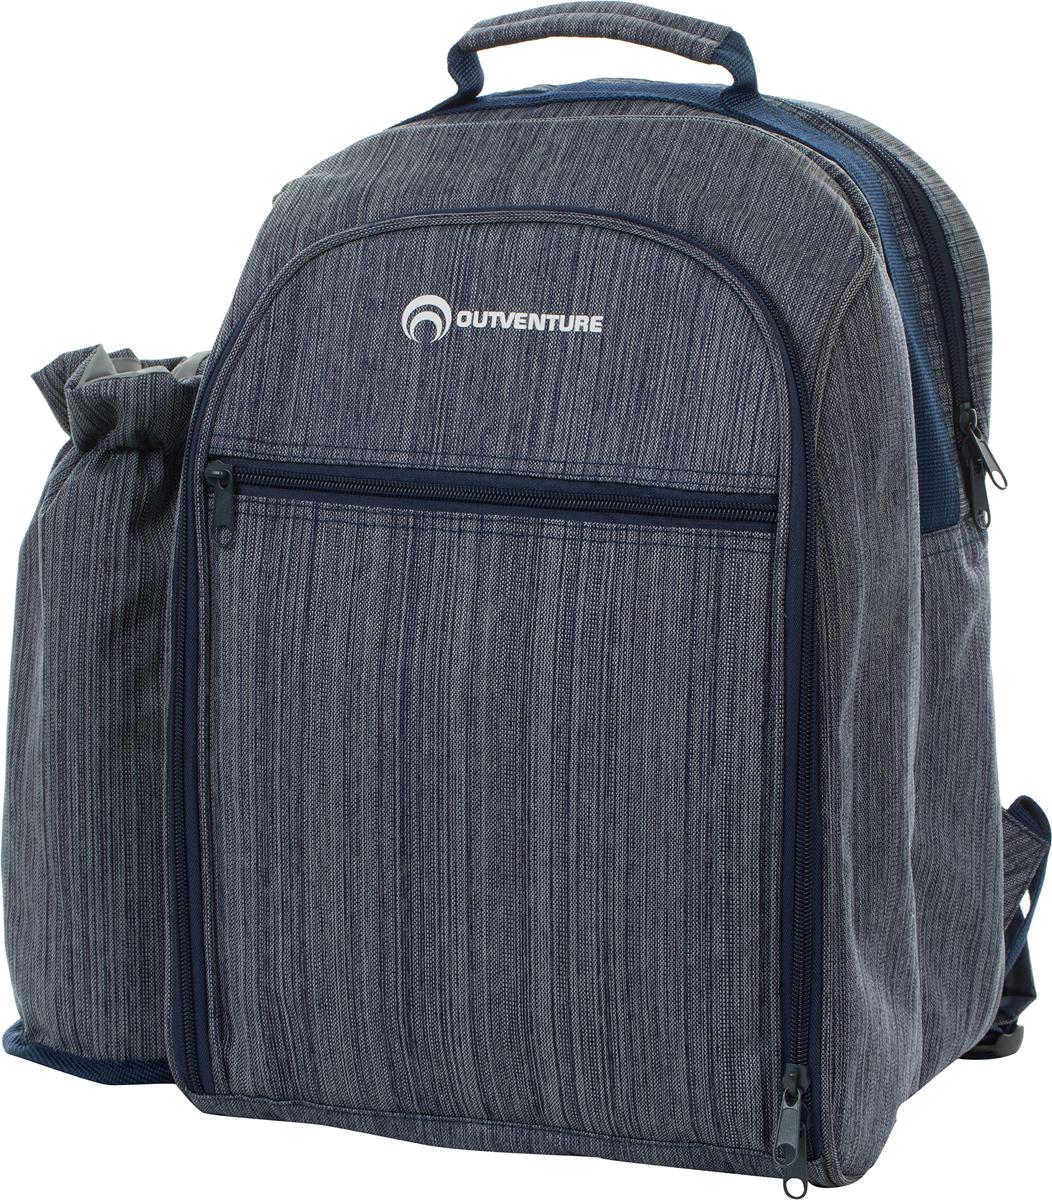 Рюкзак пикниковый Outventure Picnic Backpack, с аксессуарами на 4 персоны